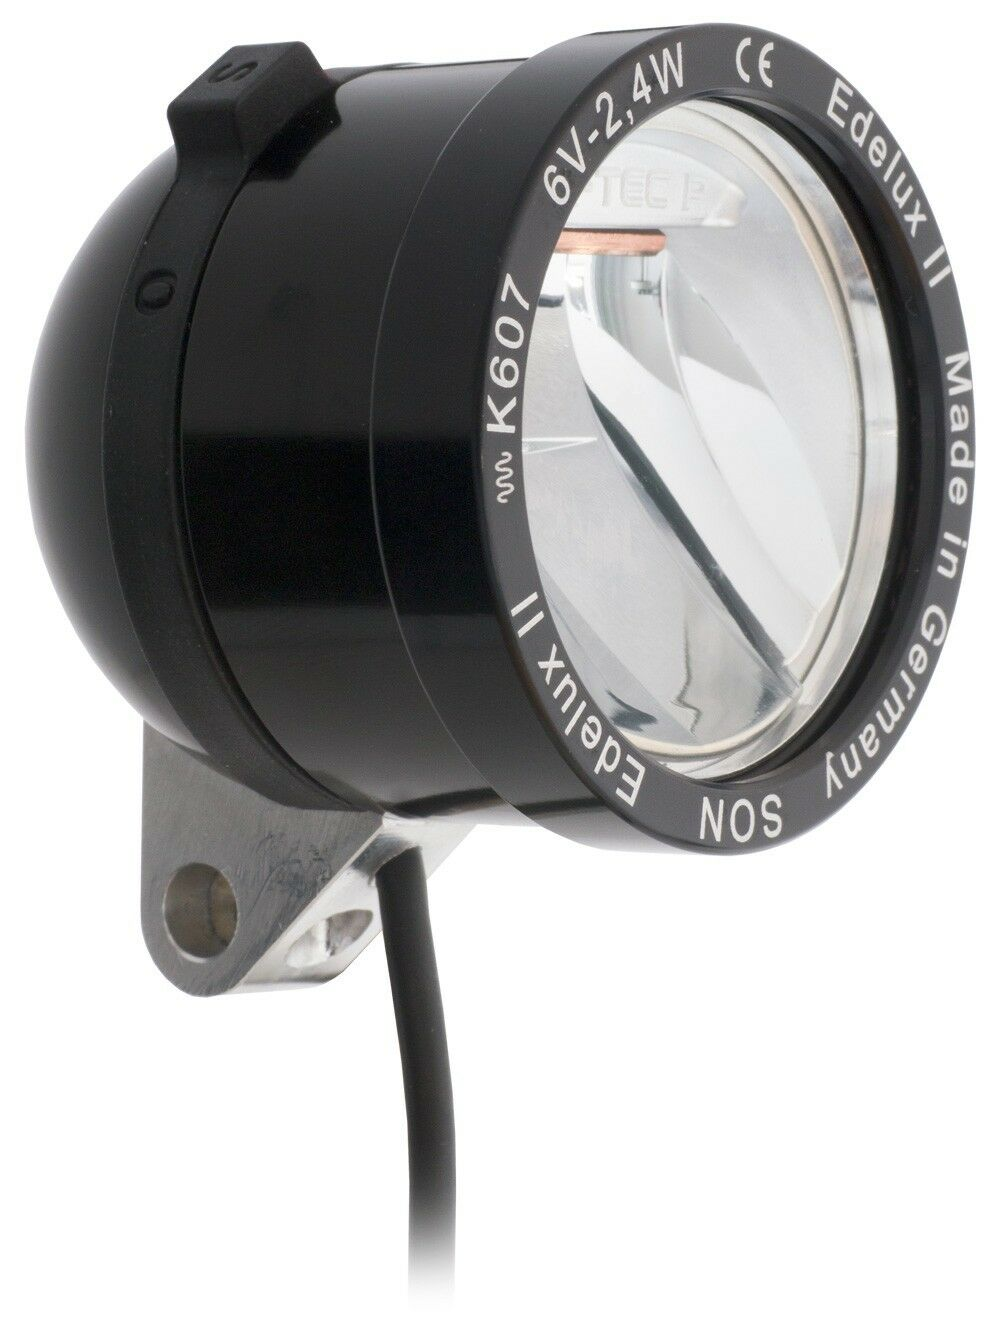 Novità FANALE LED FIGLIO edelux II black CON 140 cm collegamenti cavi allentati